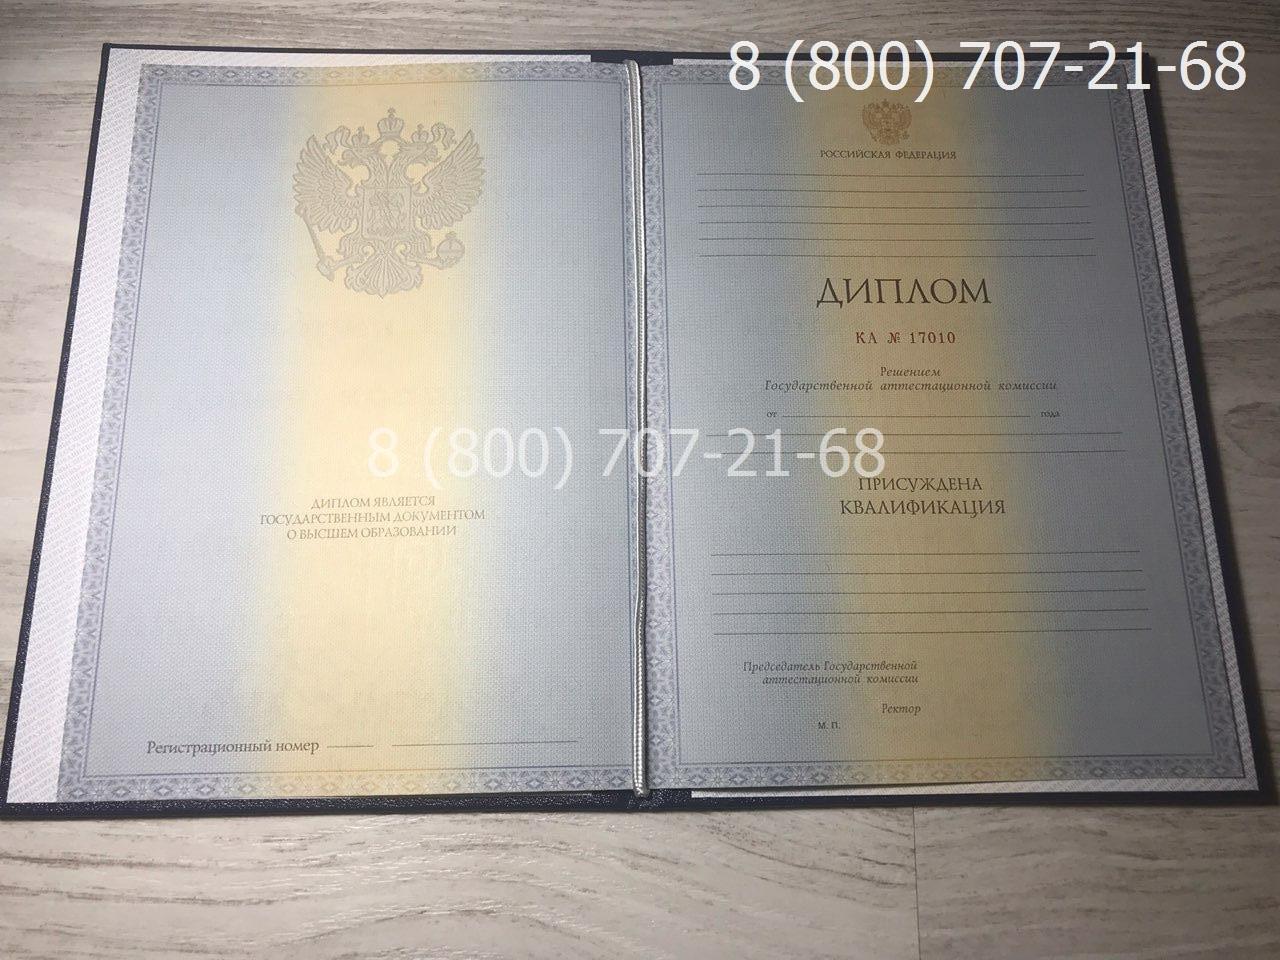 Диплом специалиста 2011-2013 года 1